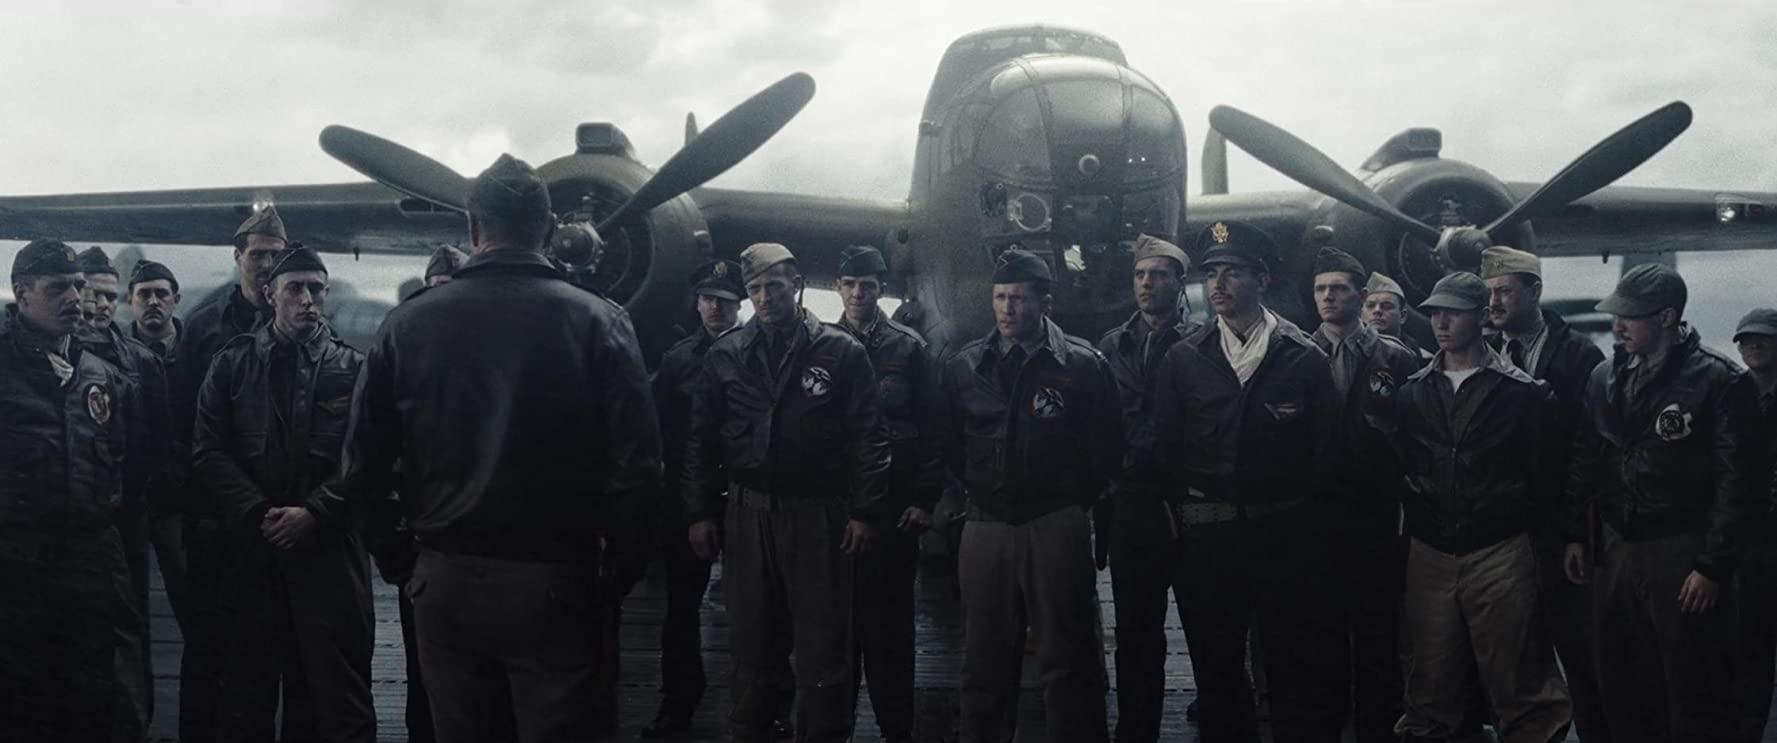 مشاهدة فيلم Midway (2019) مترجم HD اون لاين